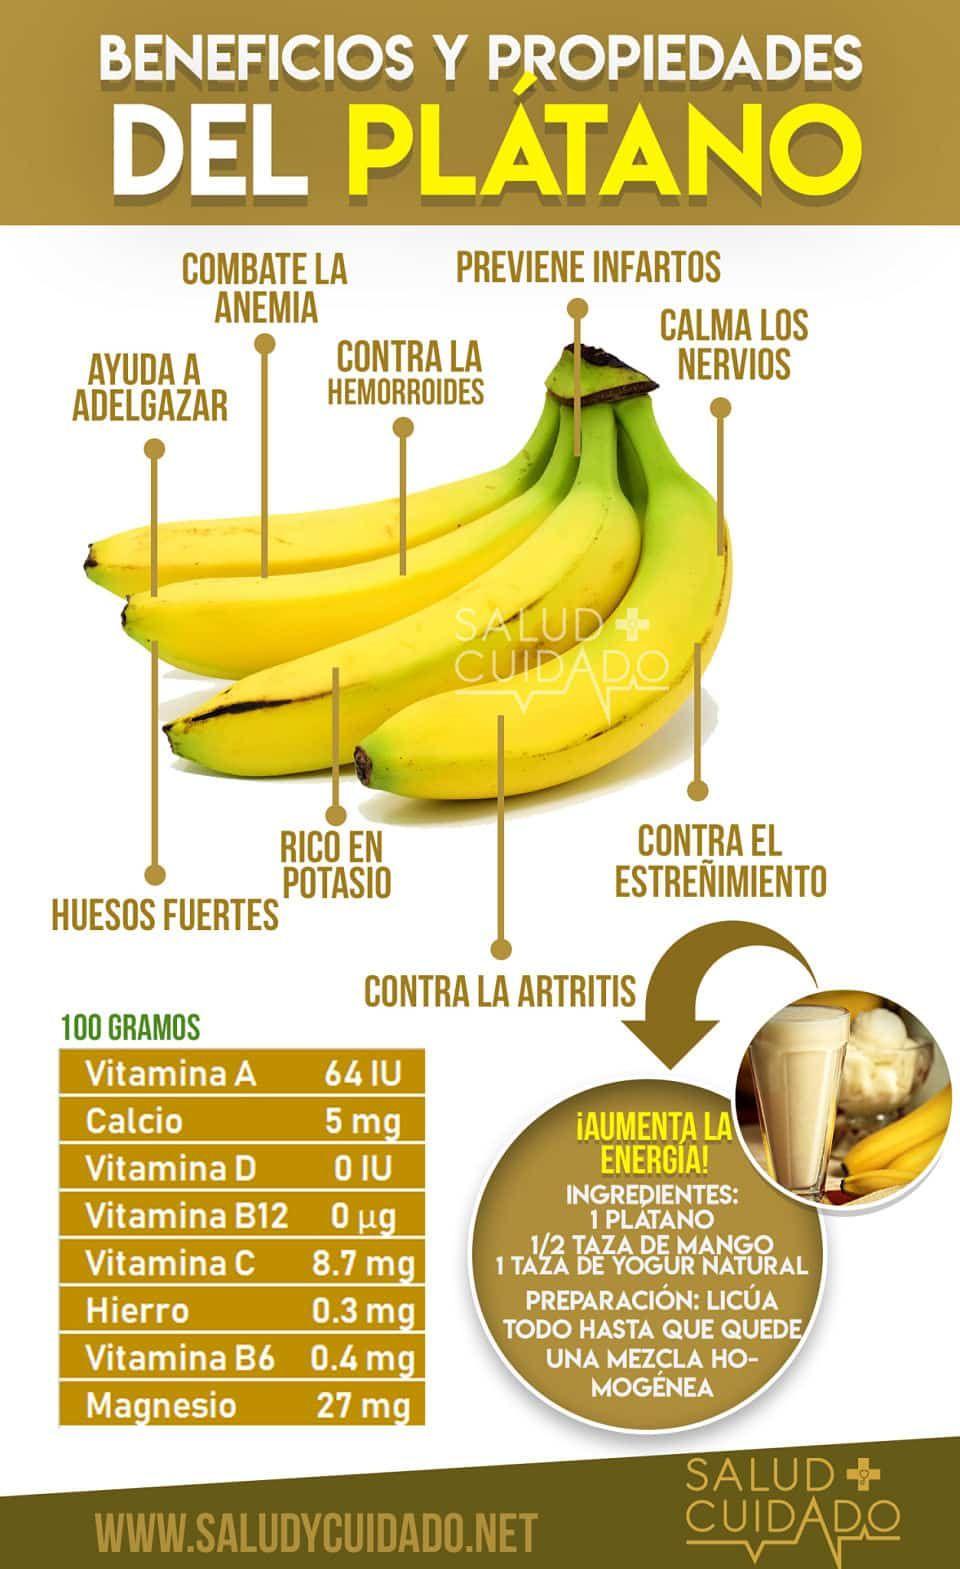 Beneficios Y Propiedades Del Plátano Para La Salud Propiedades Del Platano Platano Beneficios Beneficios De Alimentos